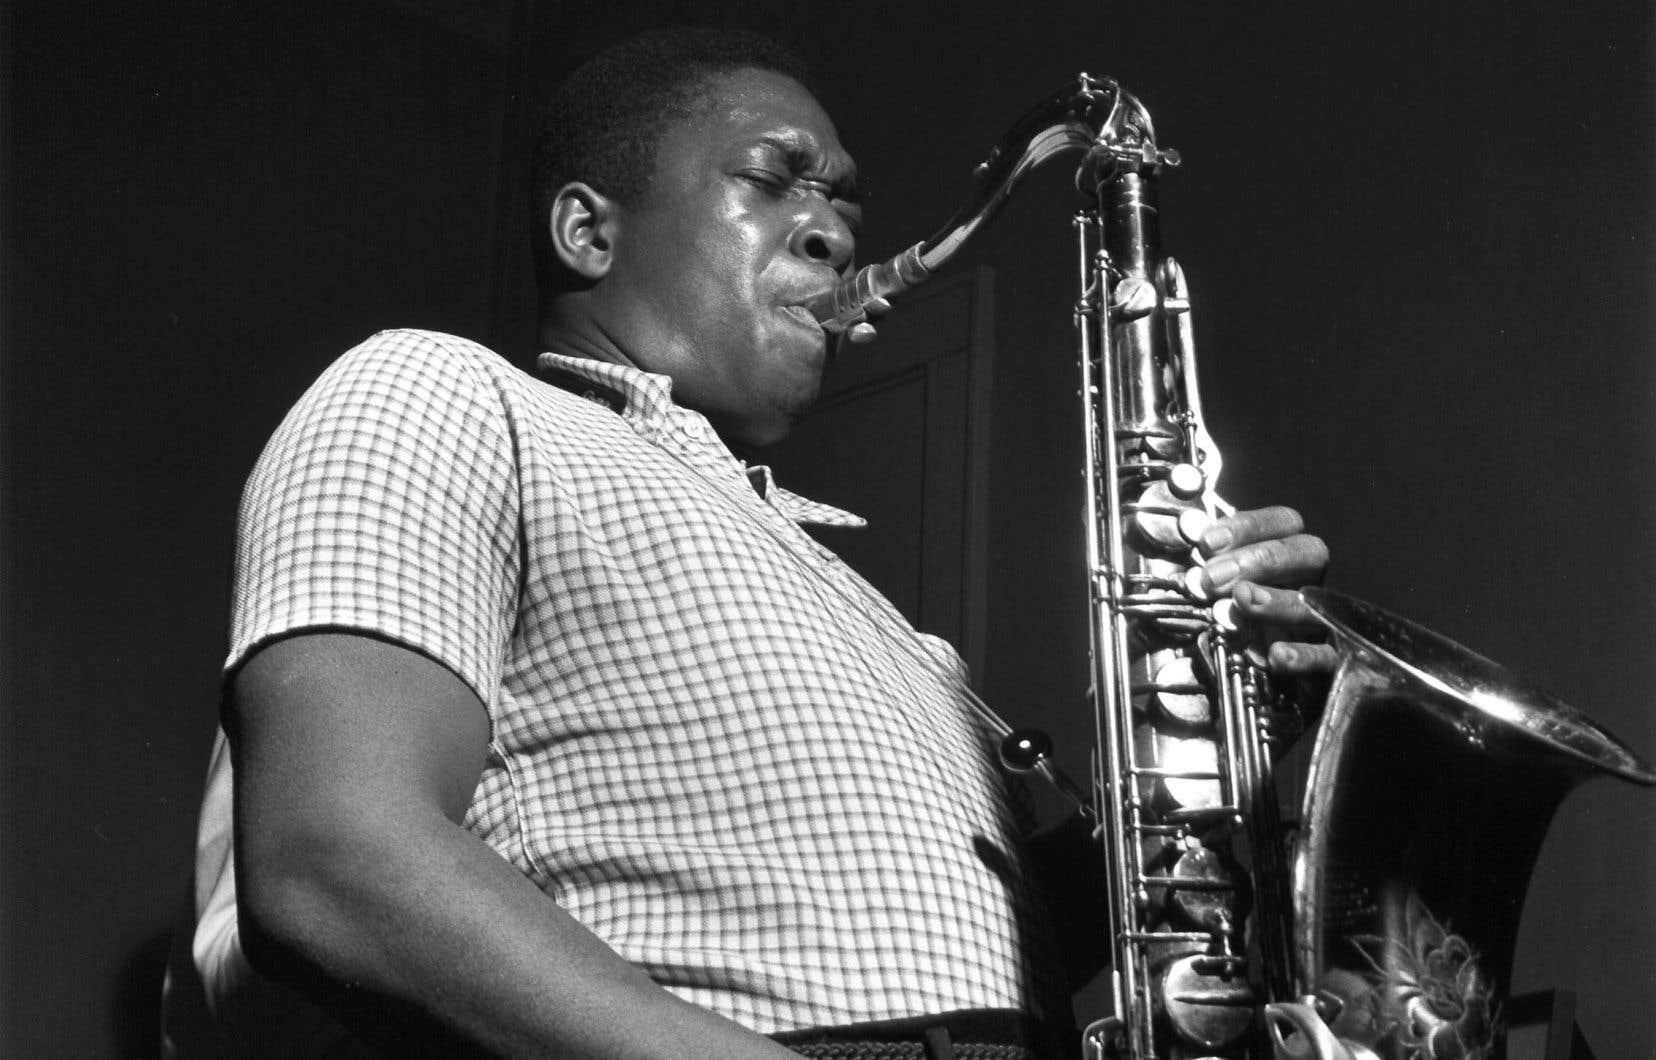 Image tirée du documentaire «Chasing Trane : The John Coltrane Documentary», qui a retracé en 2016 le parcours de l'icône américaine du jazz.